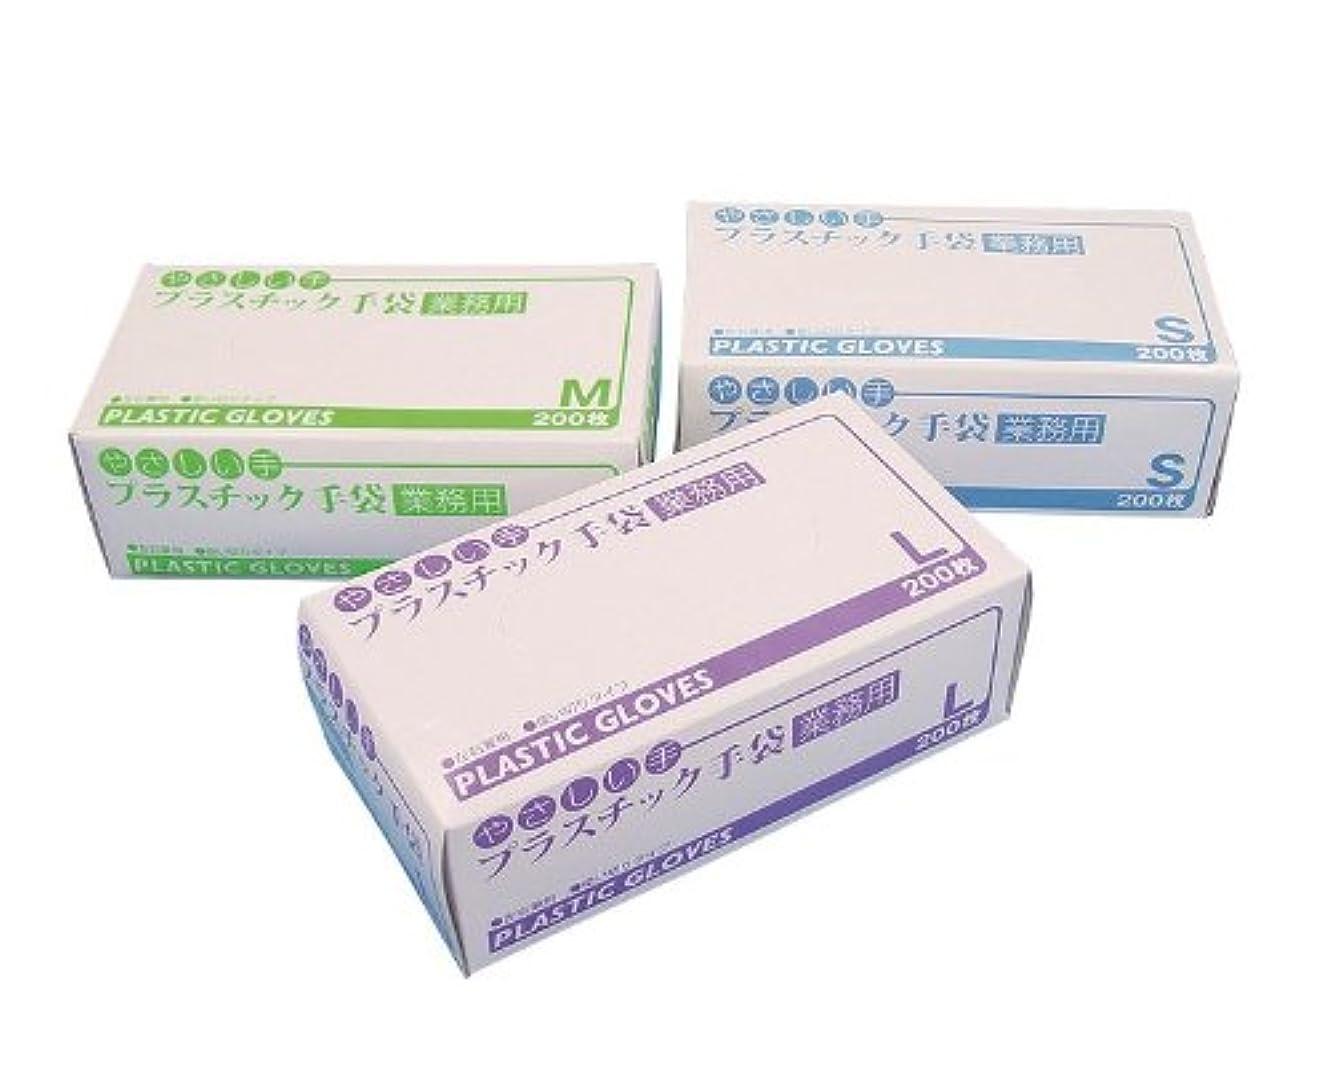 寛大なピケおもてなしやさしい手 プラスチック手袋 業務用 OM-460 200枚入/Mサイズ